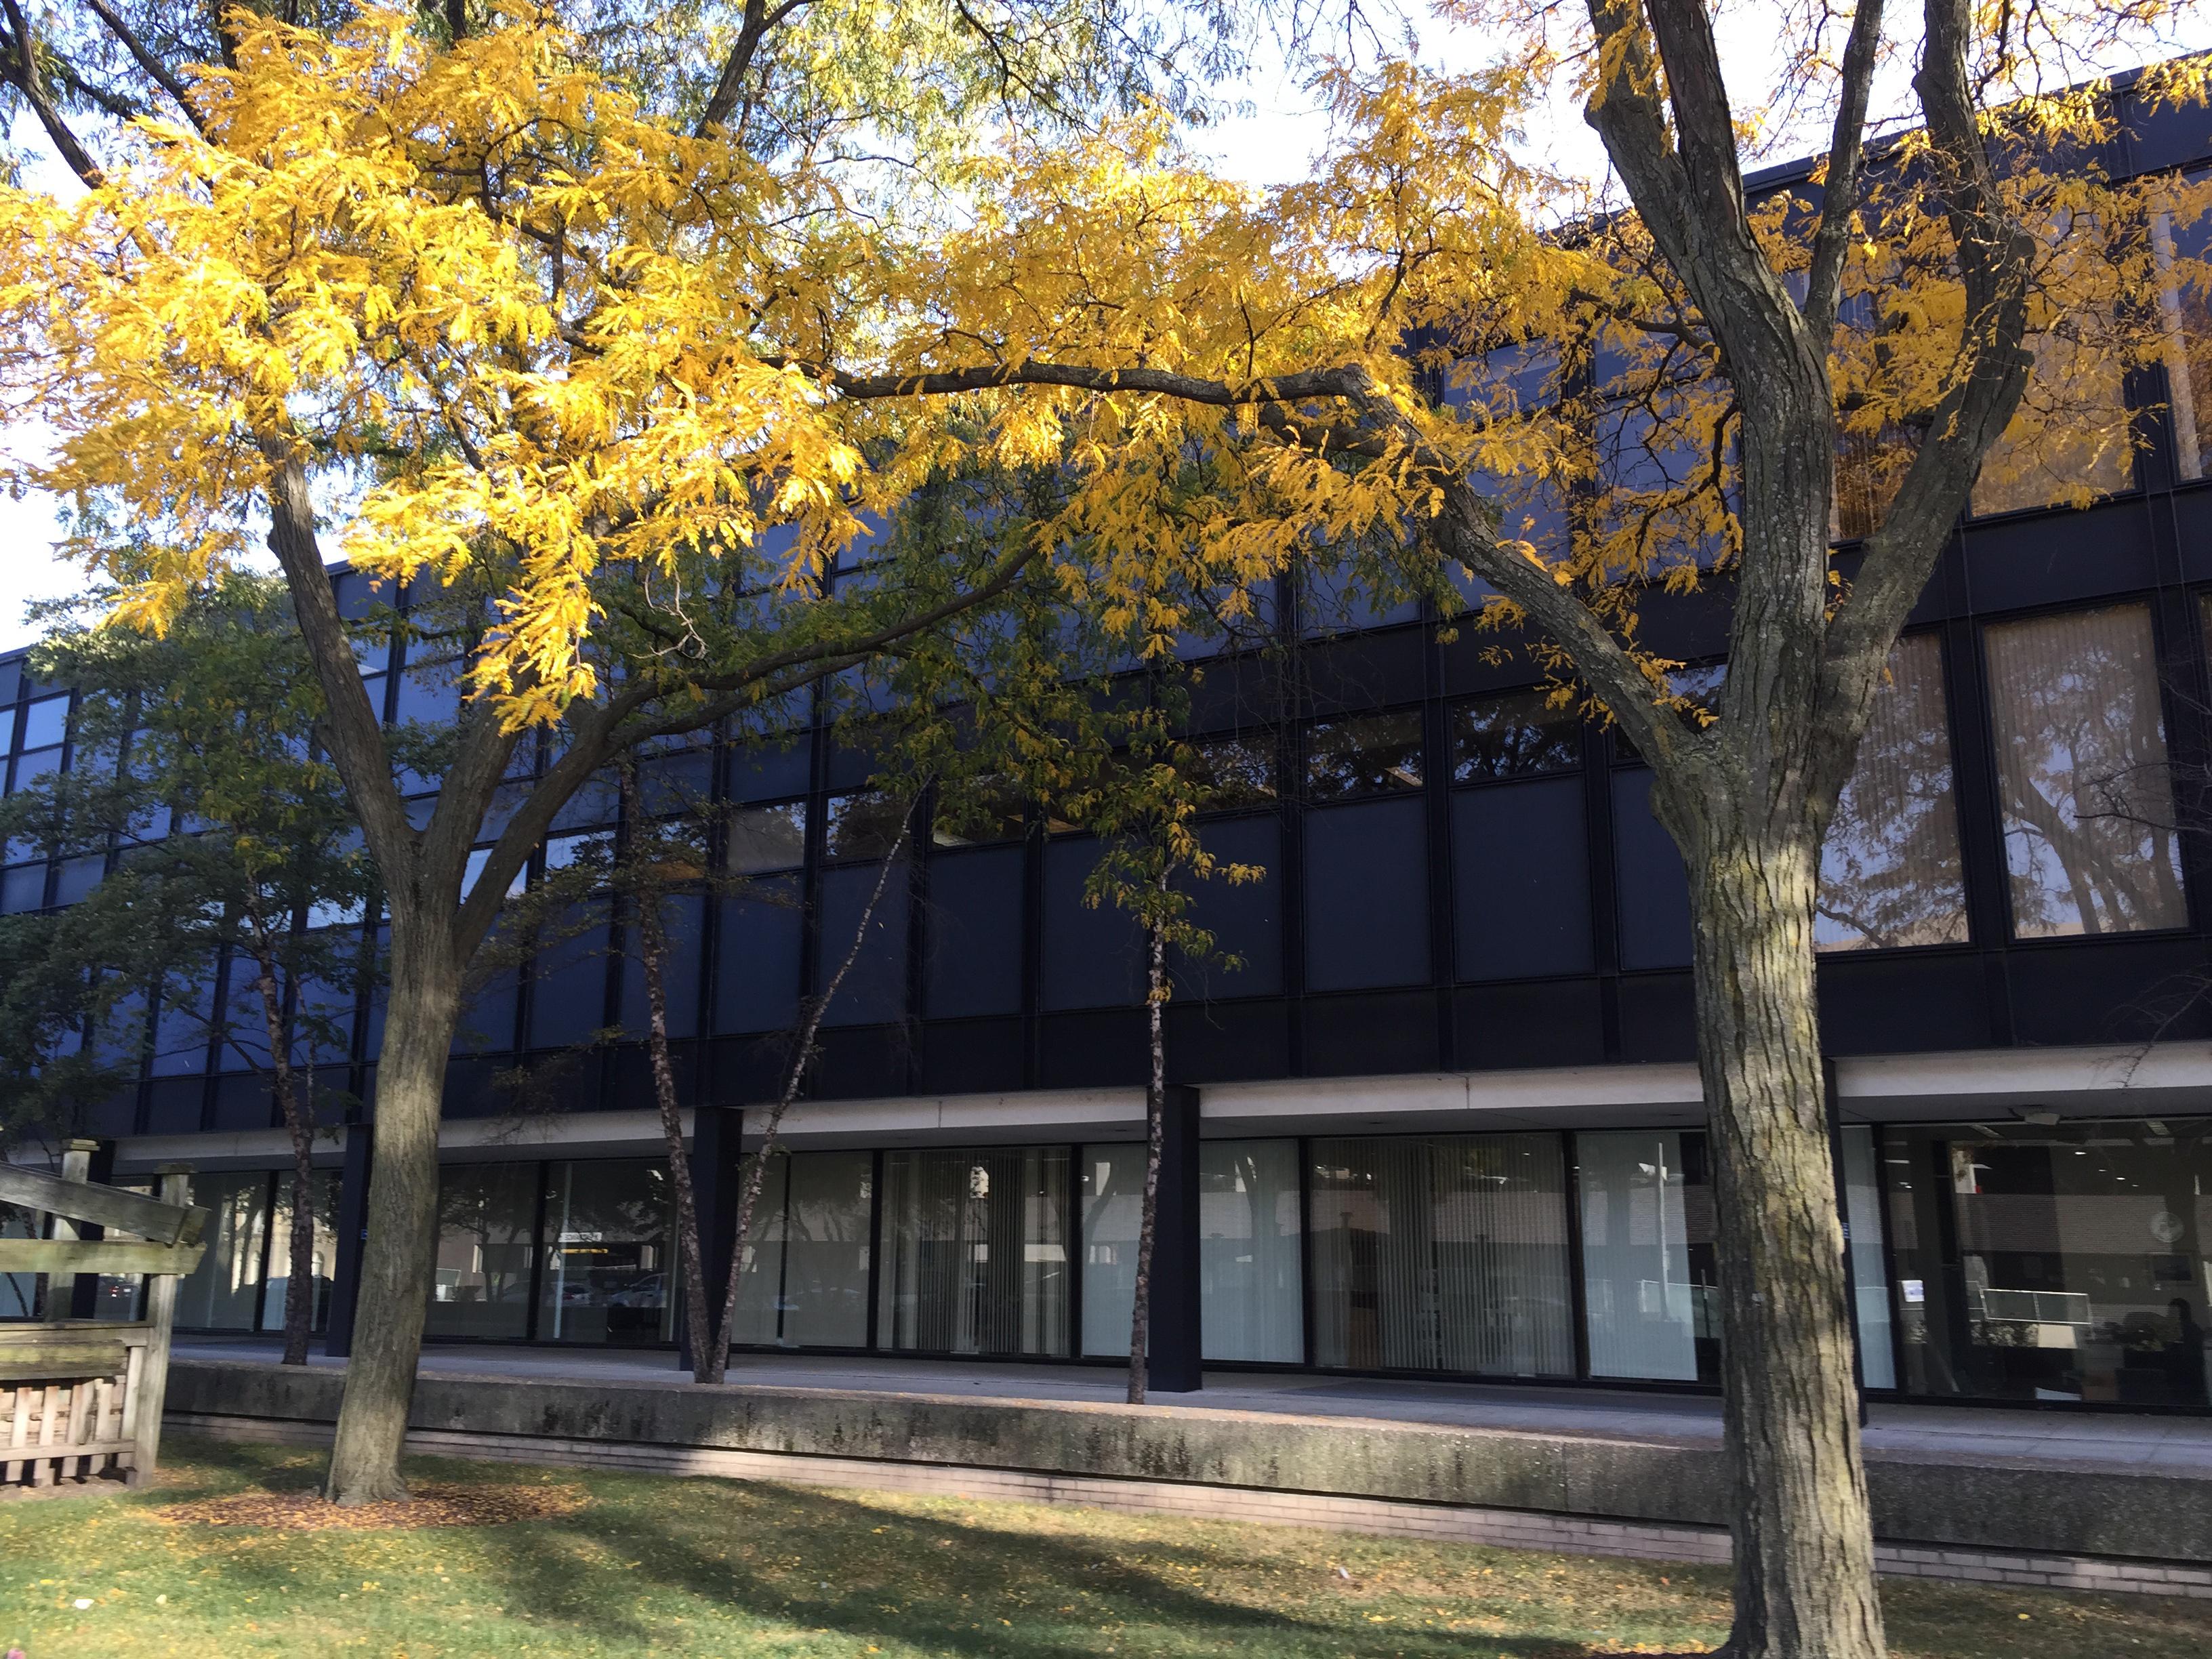 Malcolm X C facade trees2